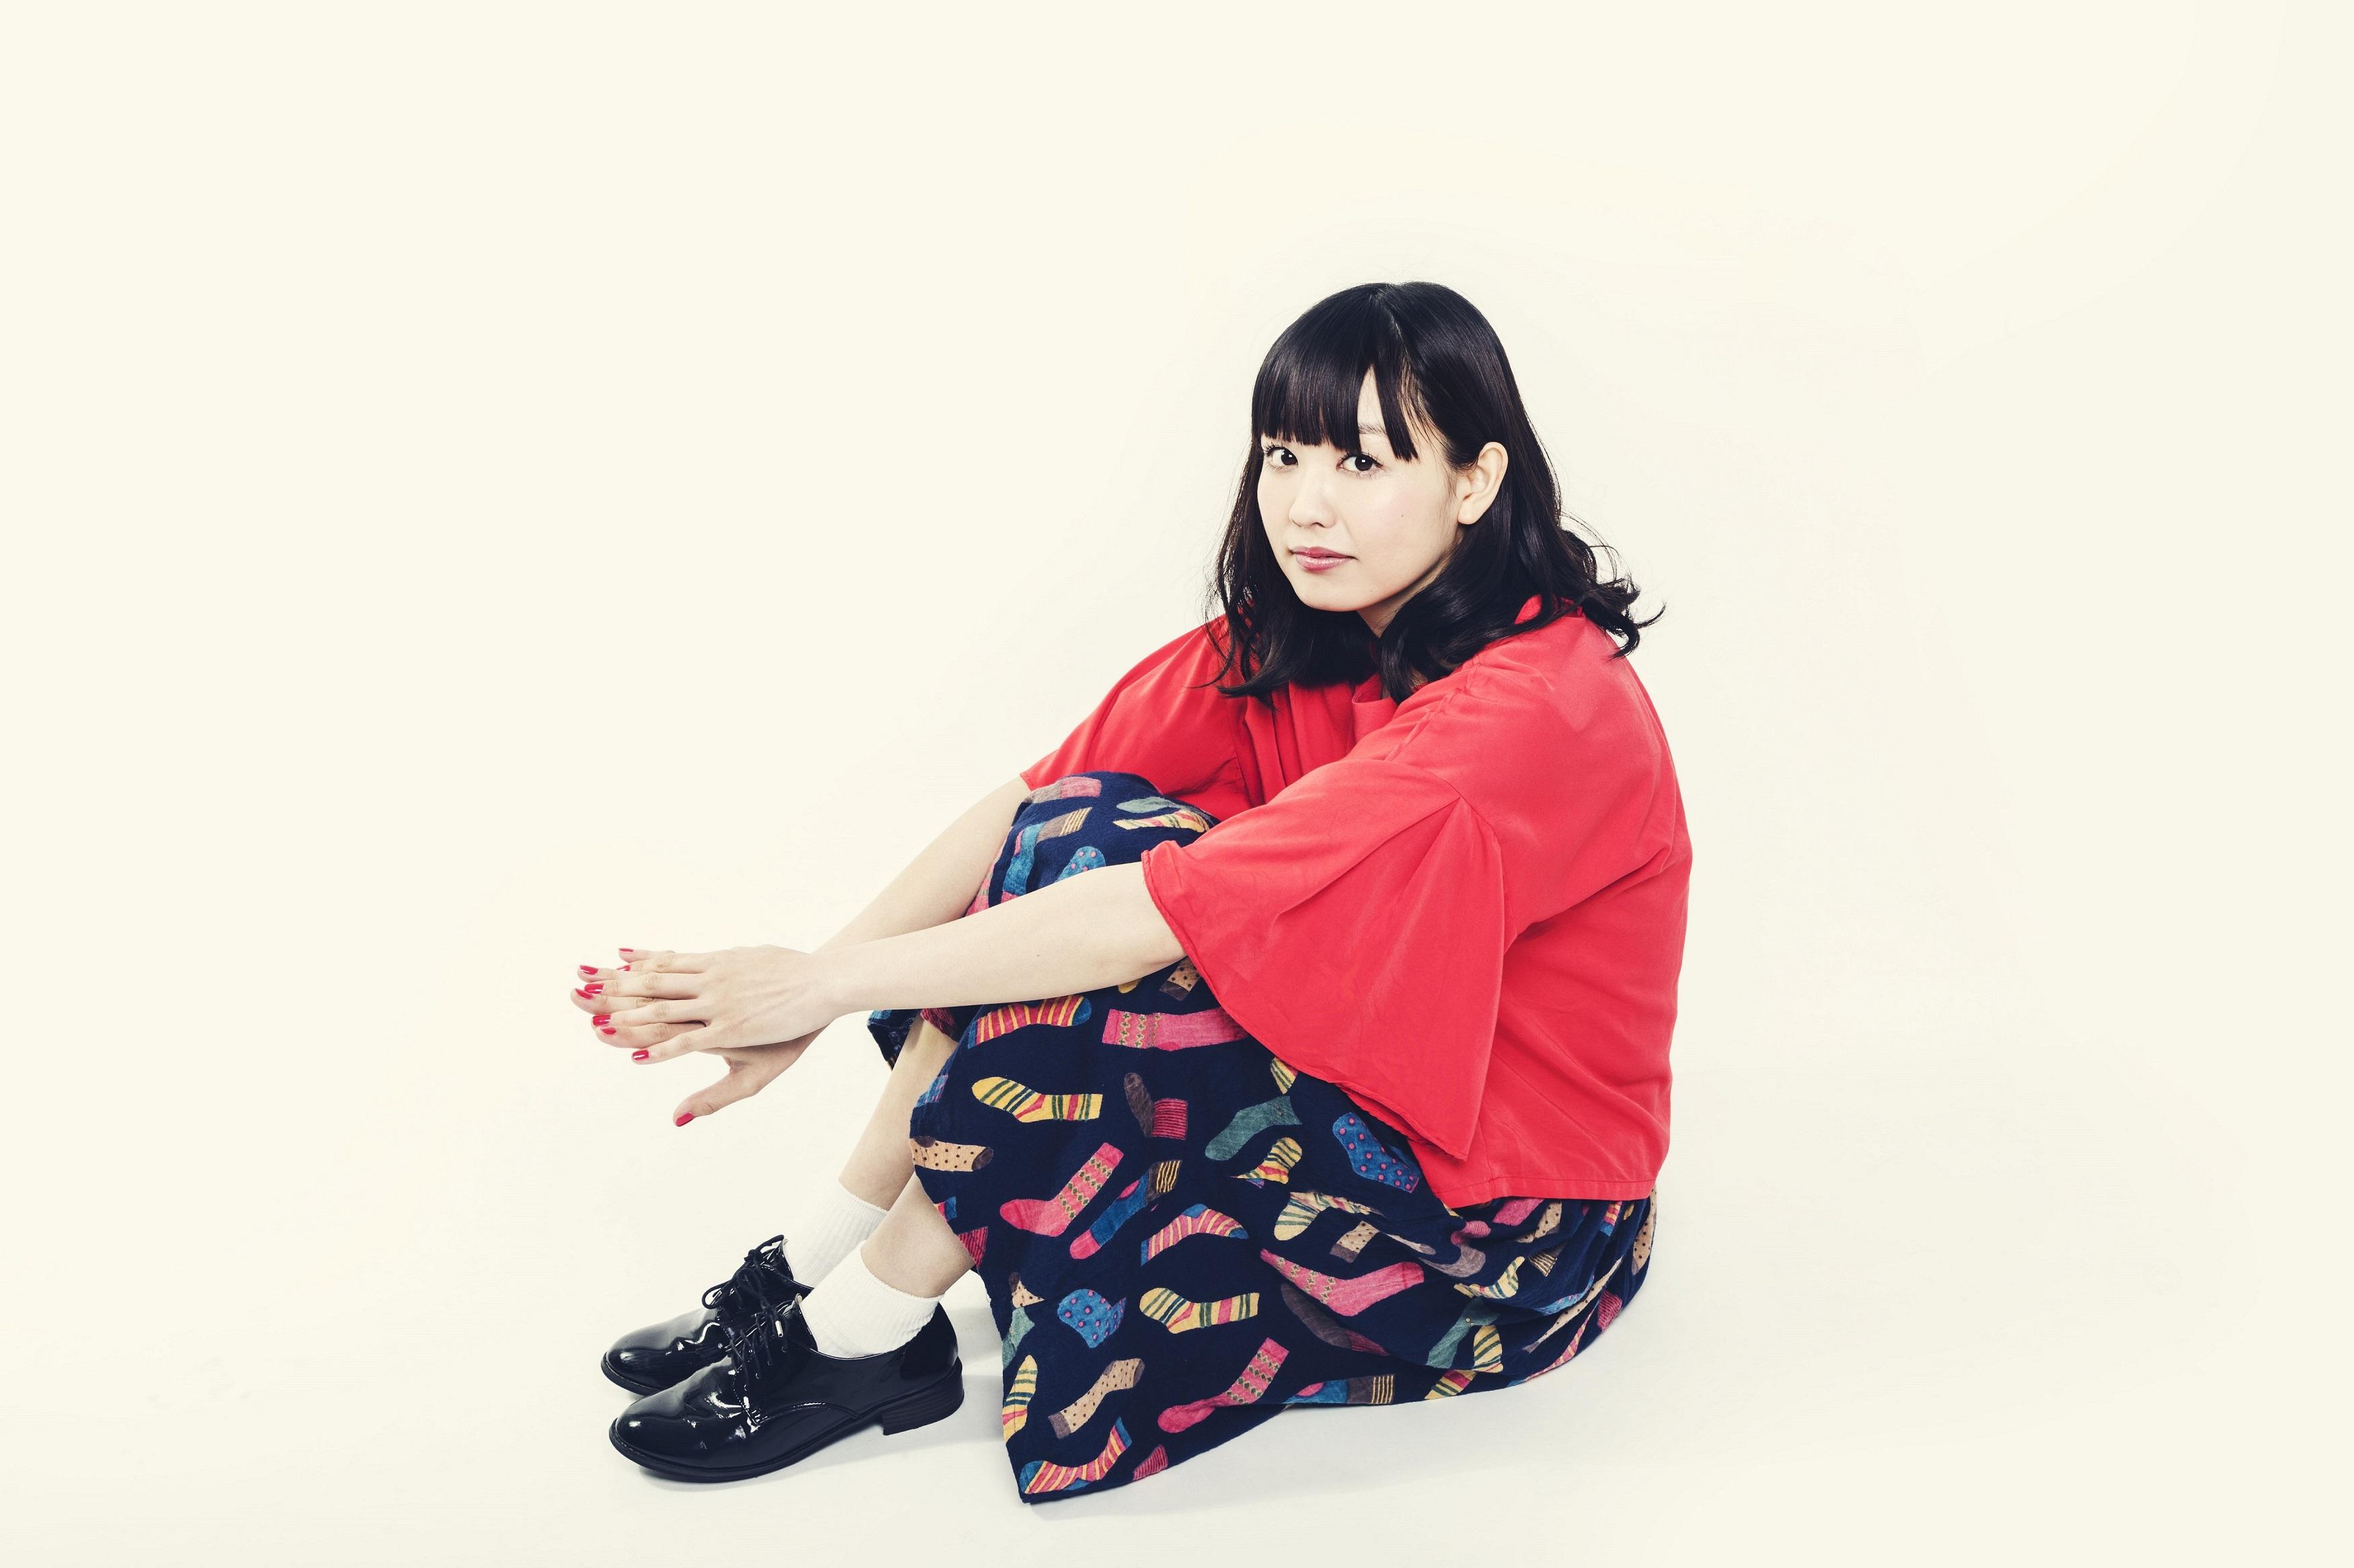 Chihiro_new_main_karui